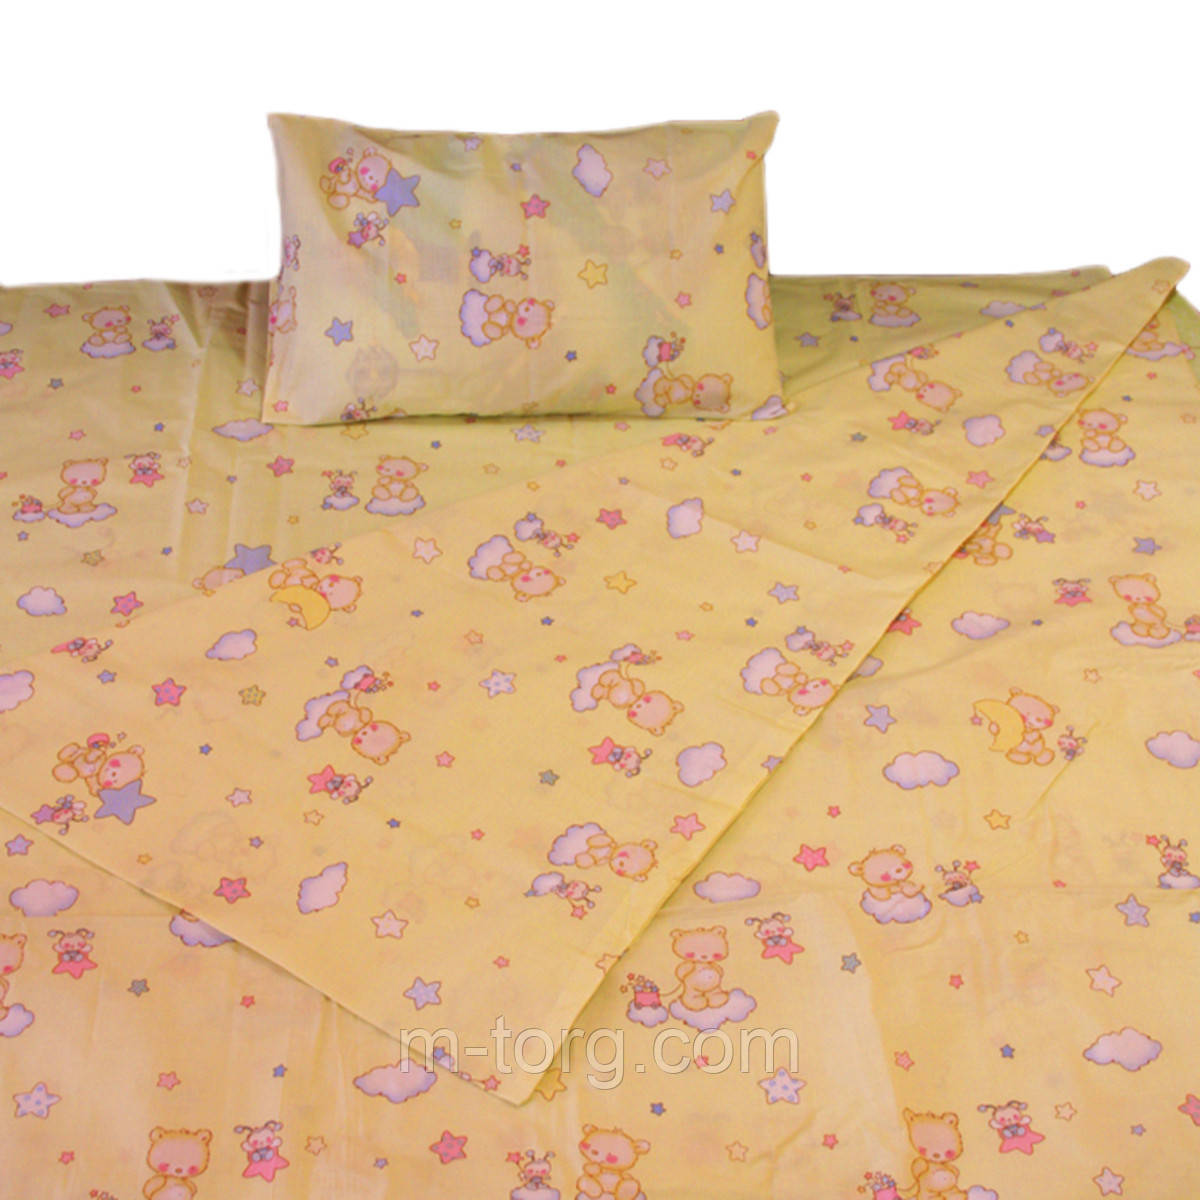 Комплект детского постельного белья 110/150, нав-ки 40/60, ткань поплин, 100% состоит из хлопка